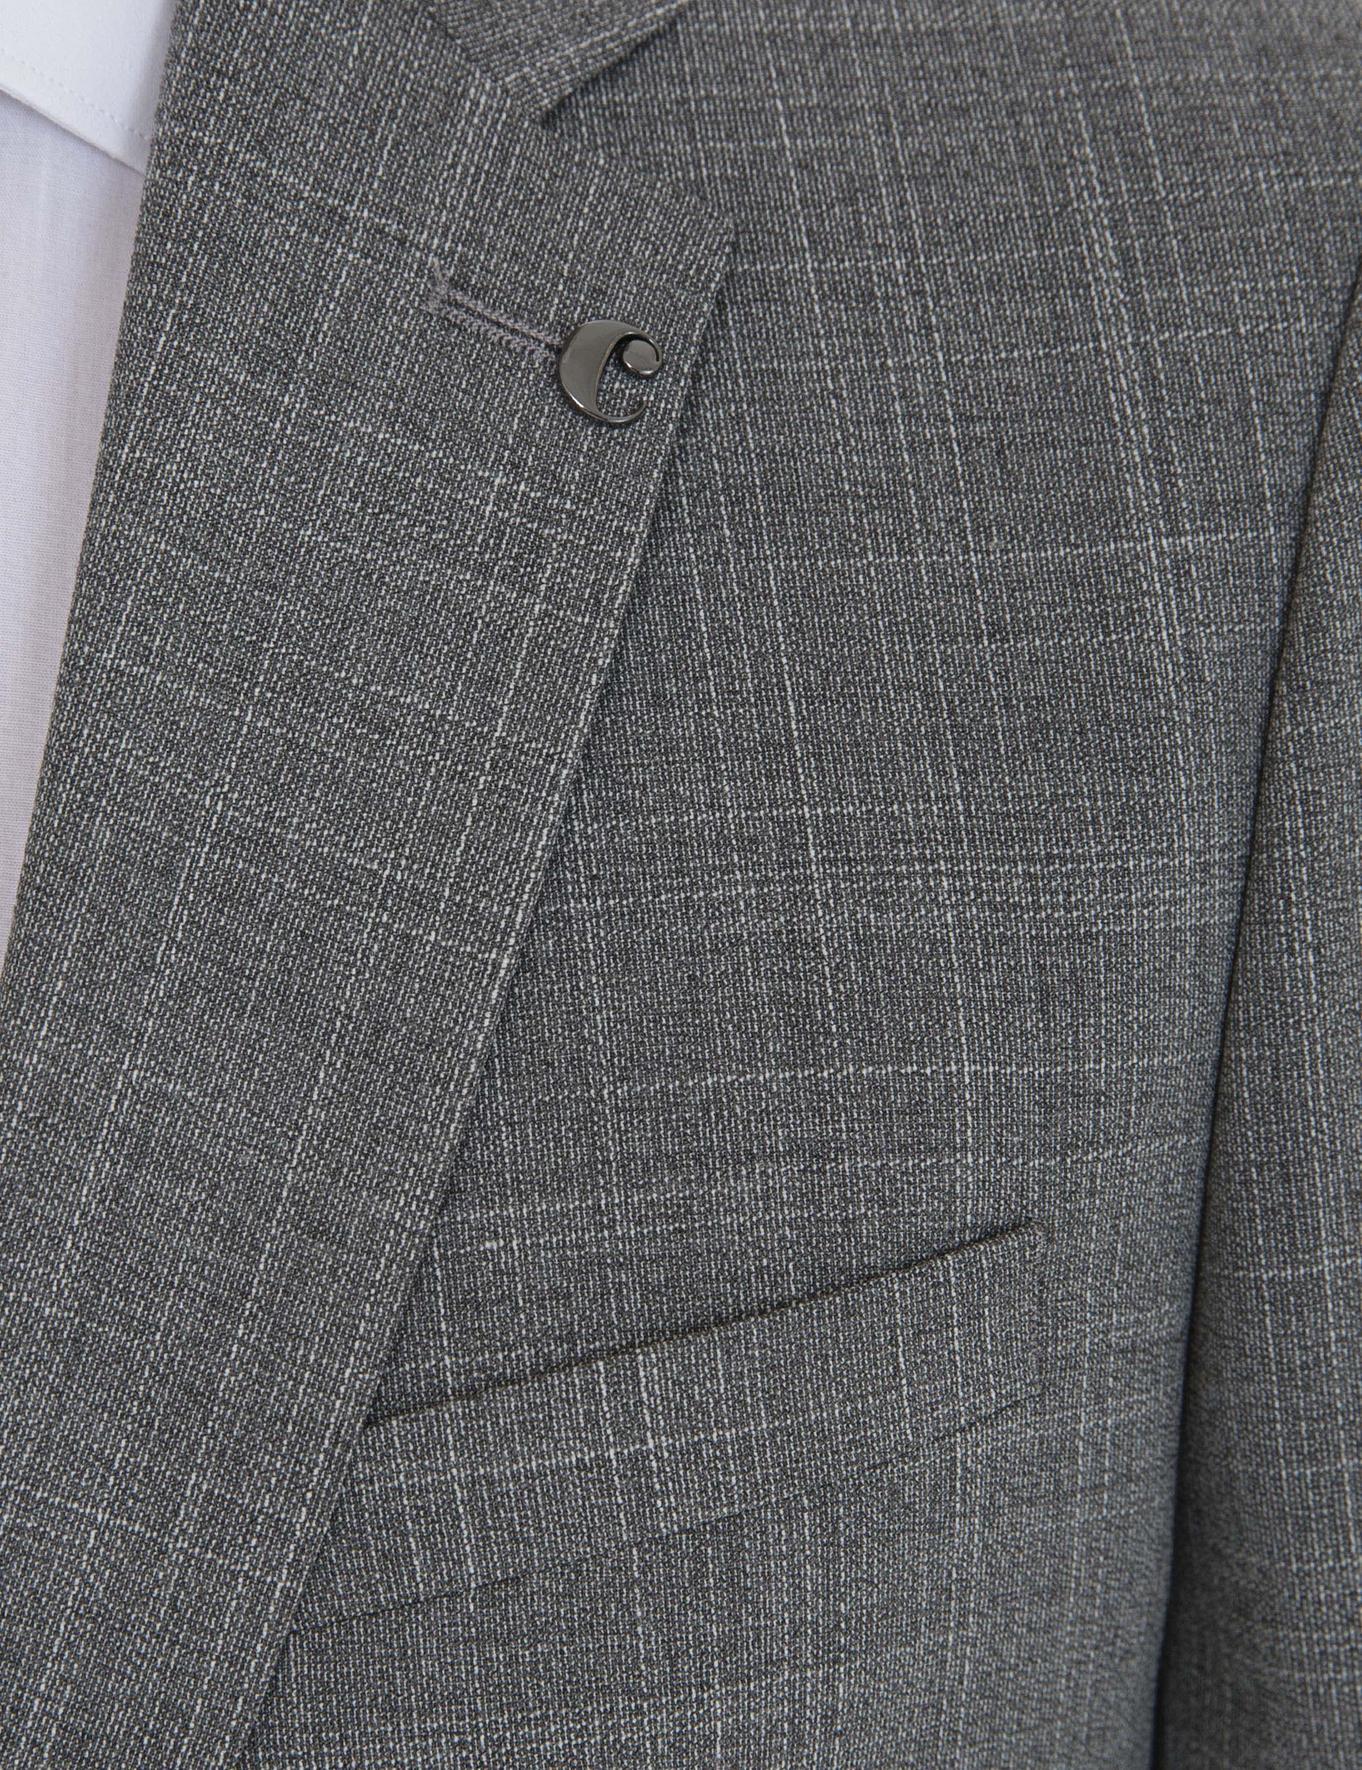 Gri Slim Fit Takım Elbise - 50237299011